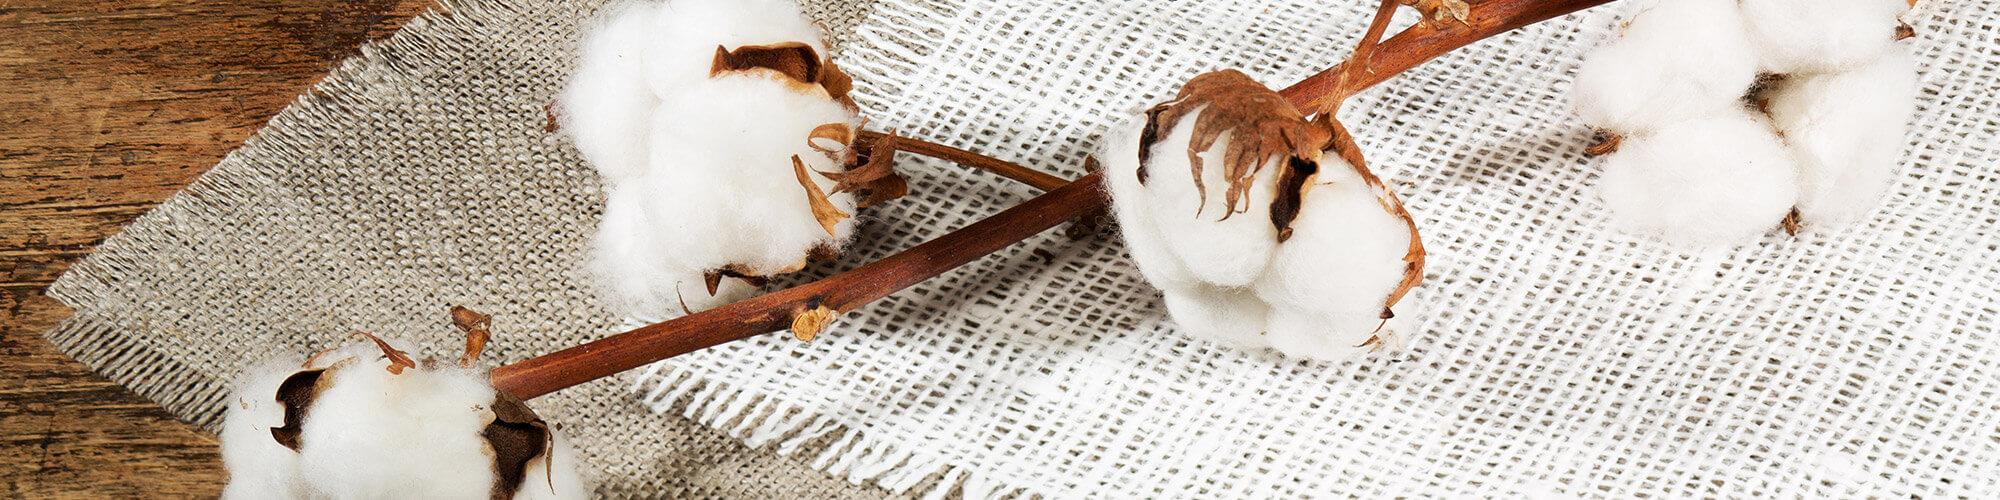 Lavorazioni cotone